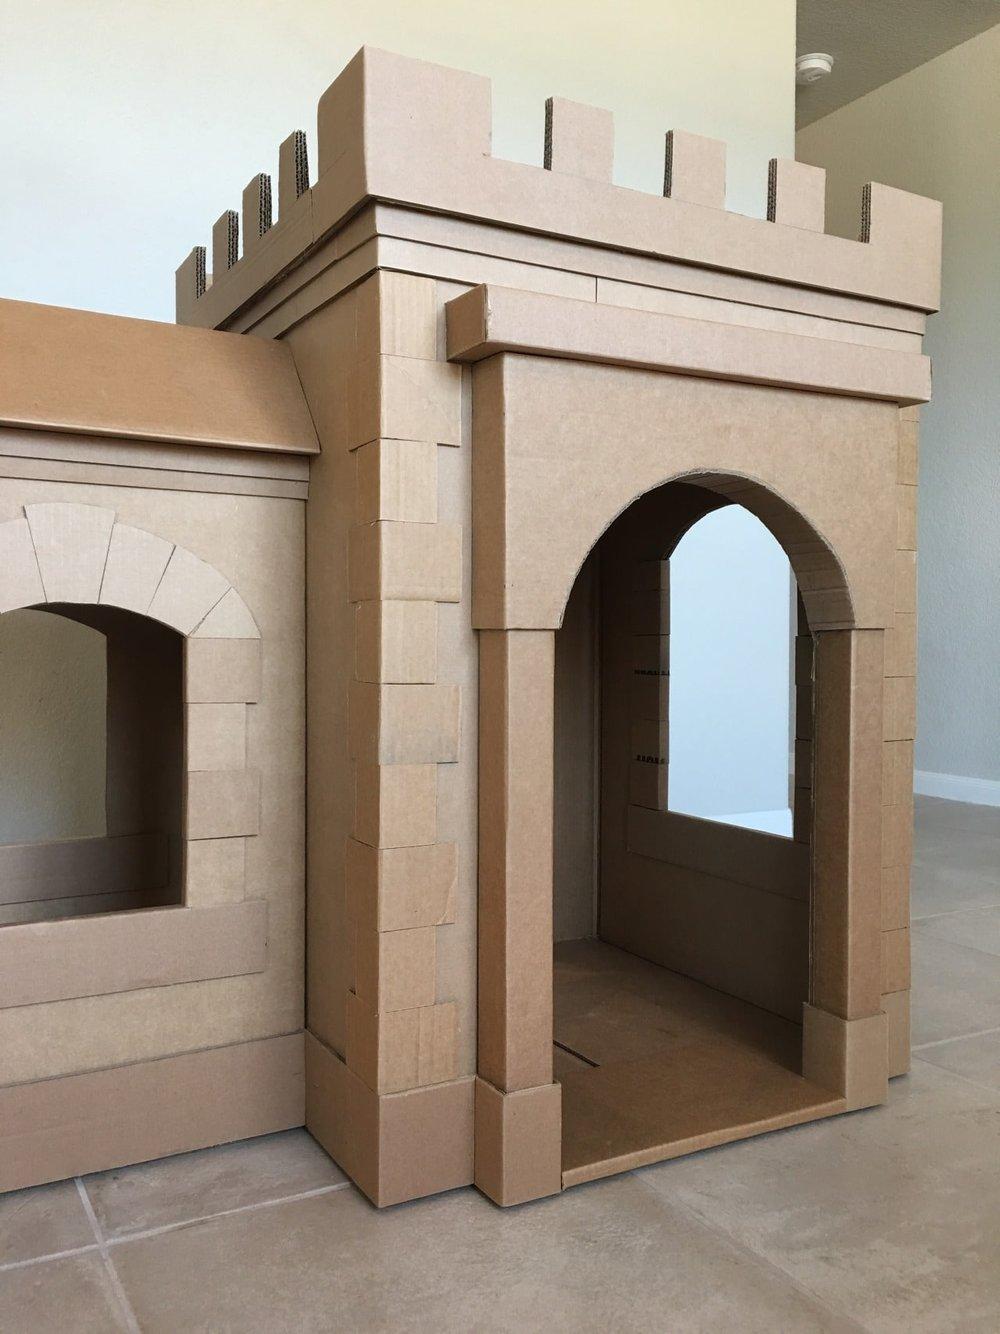 cardboard-castle-9.jpg